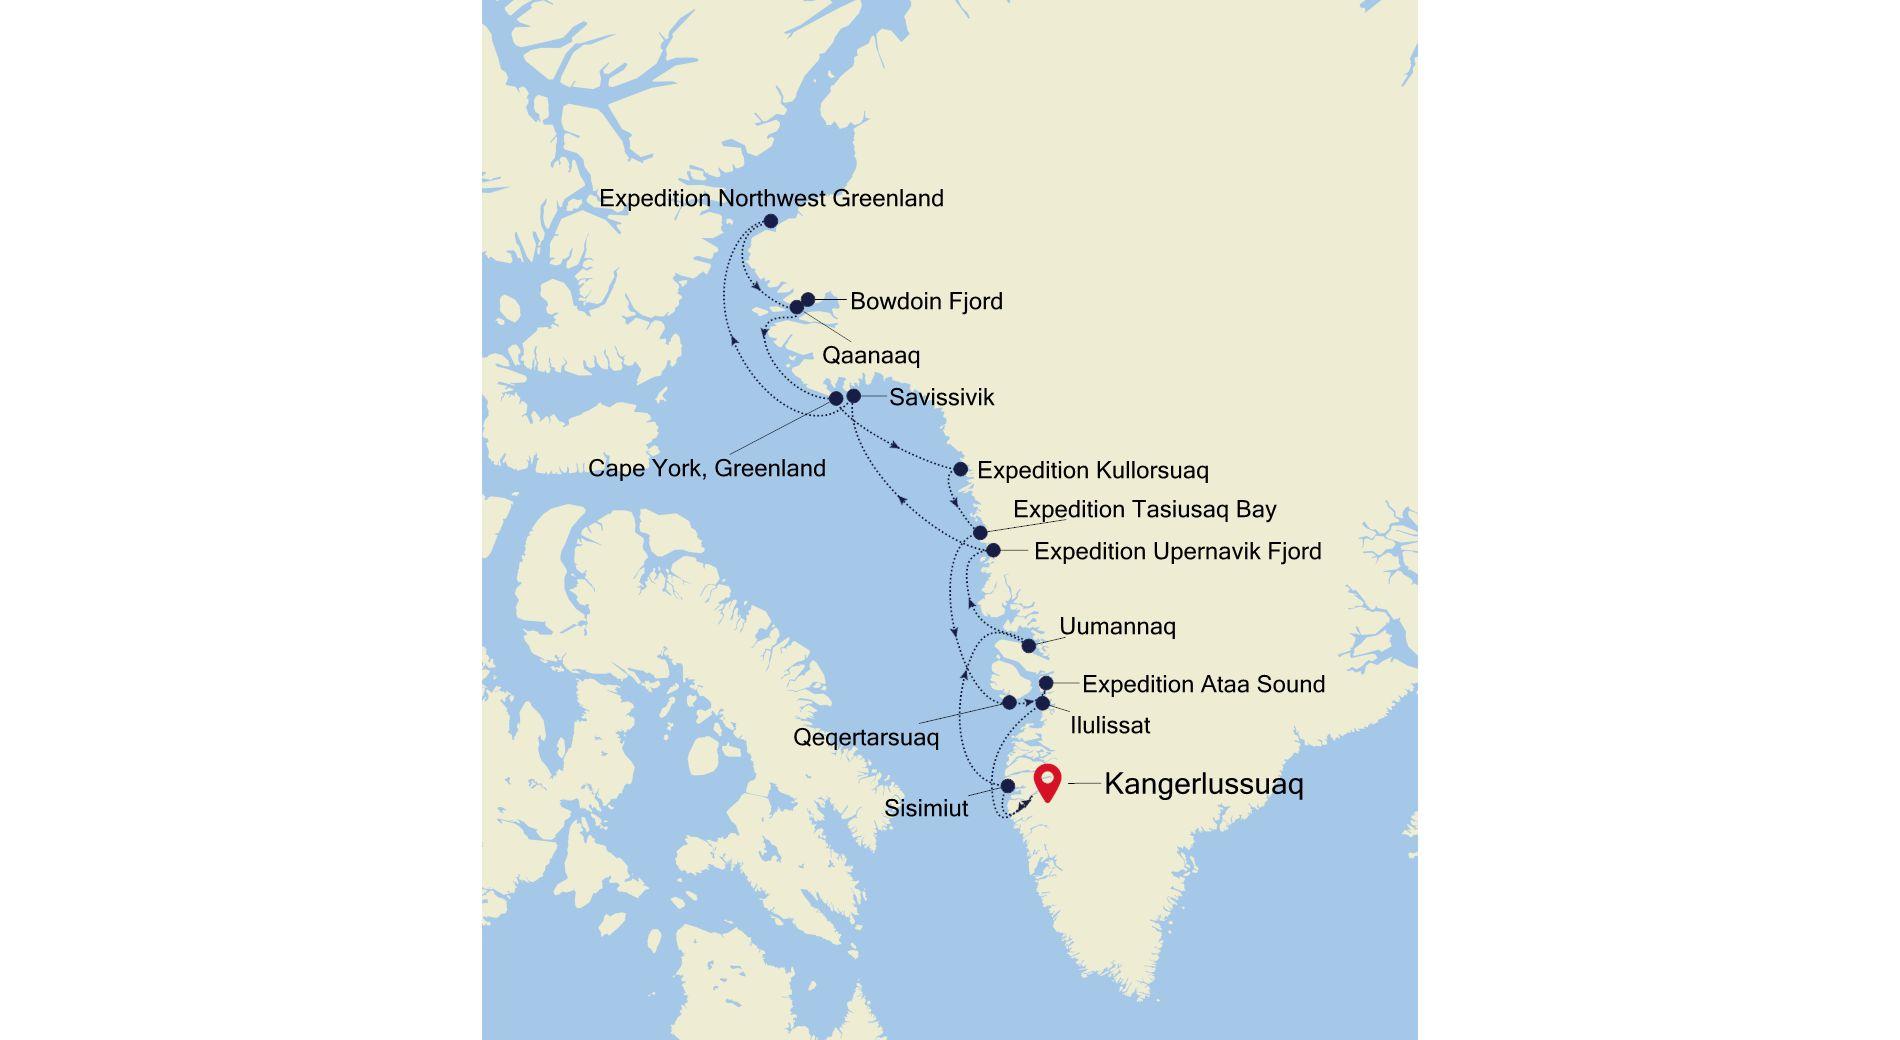 E4200805016 - Churchill to Kangerlussuaq